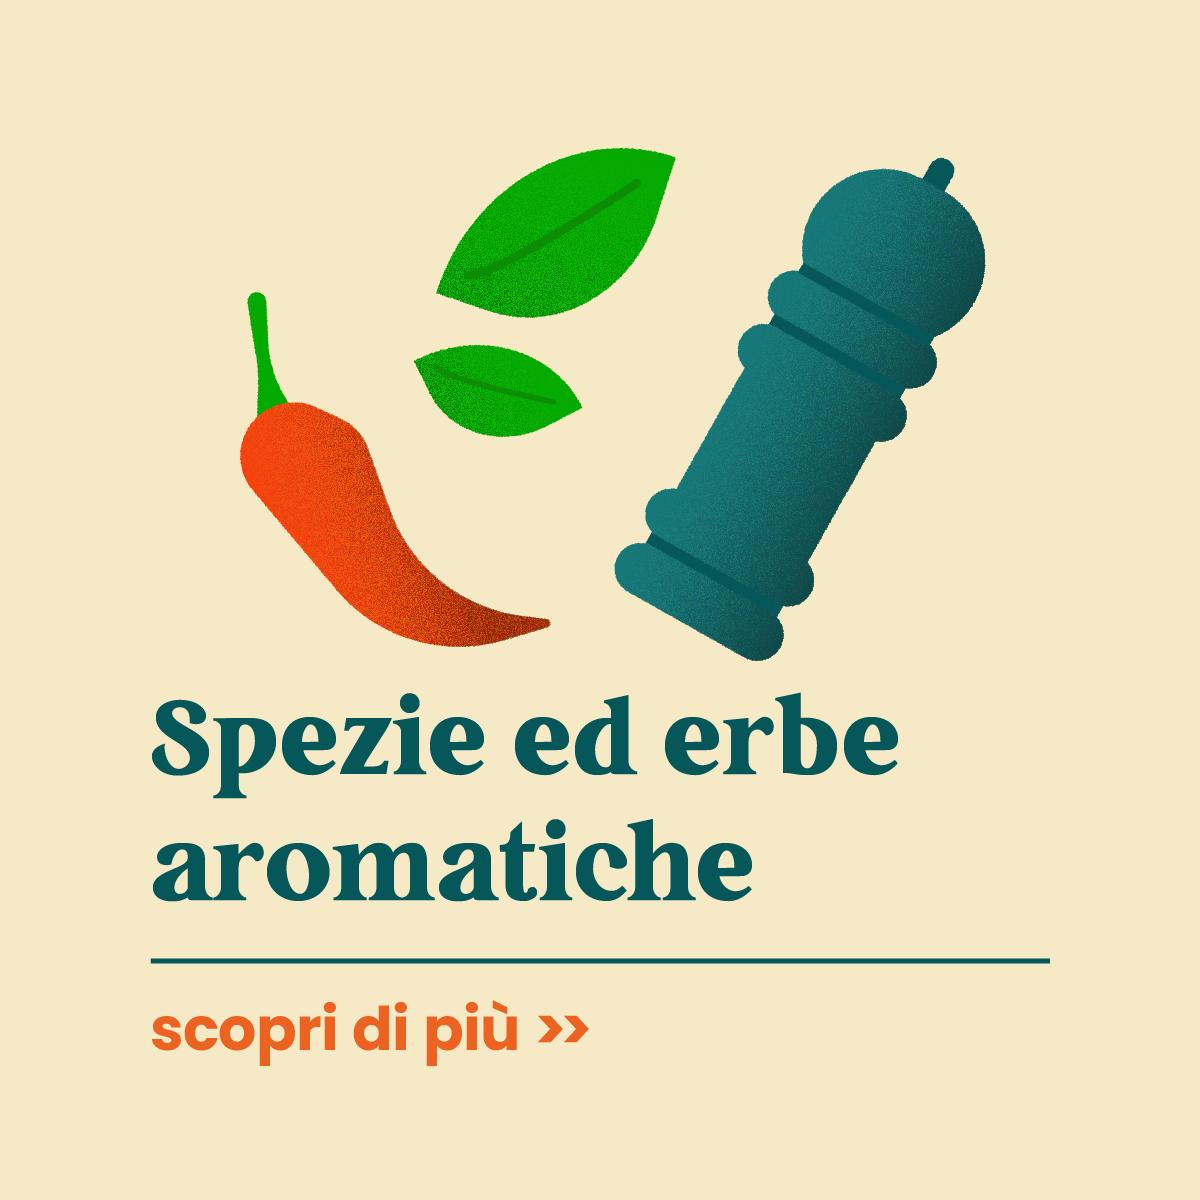 Spezie ed erbe aromatiche.png